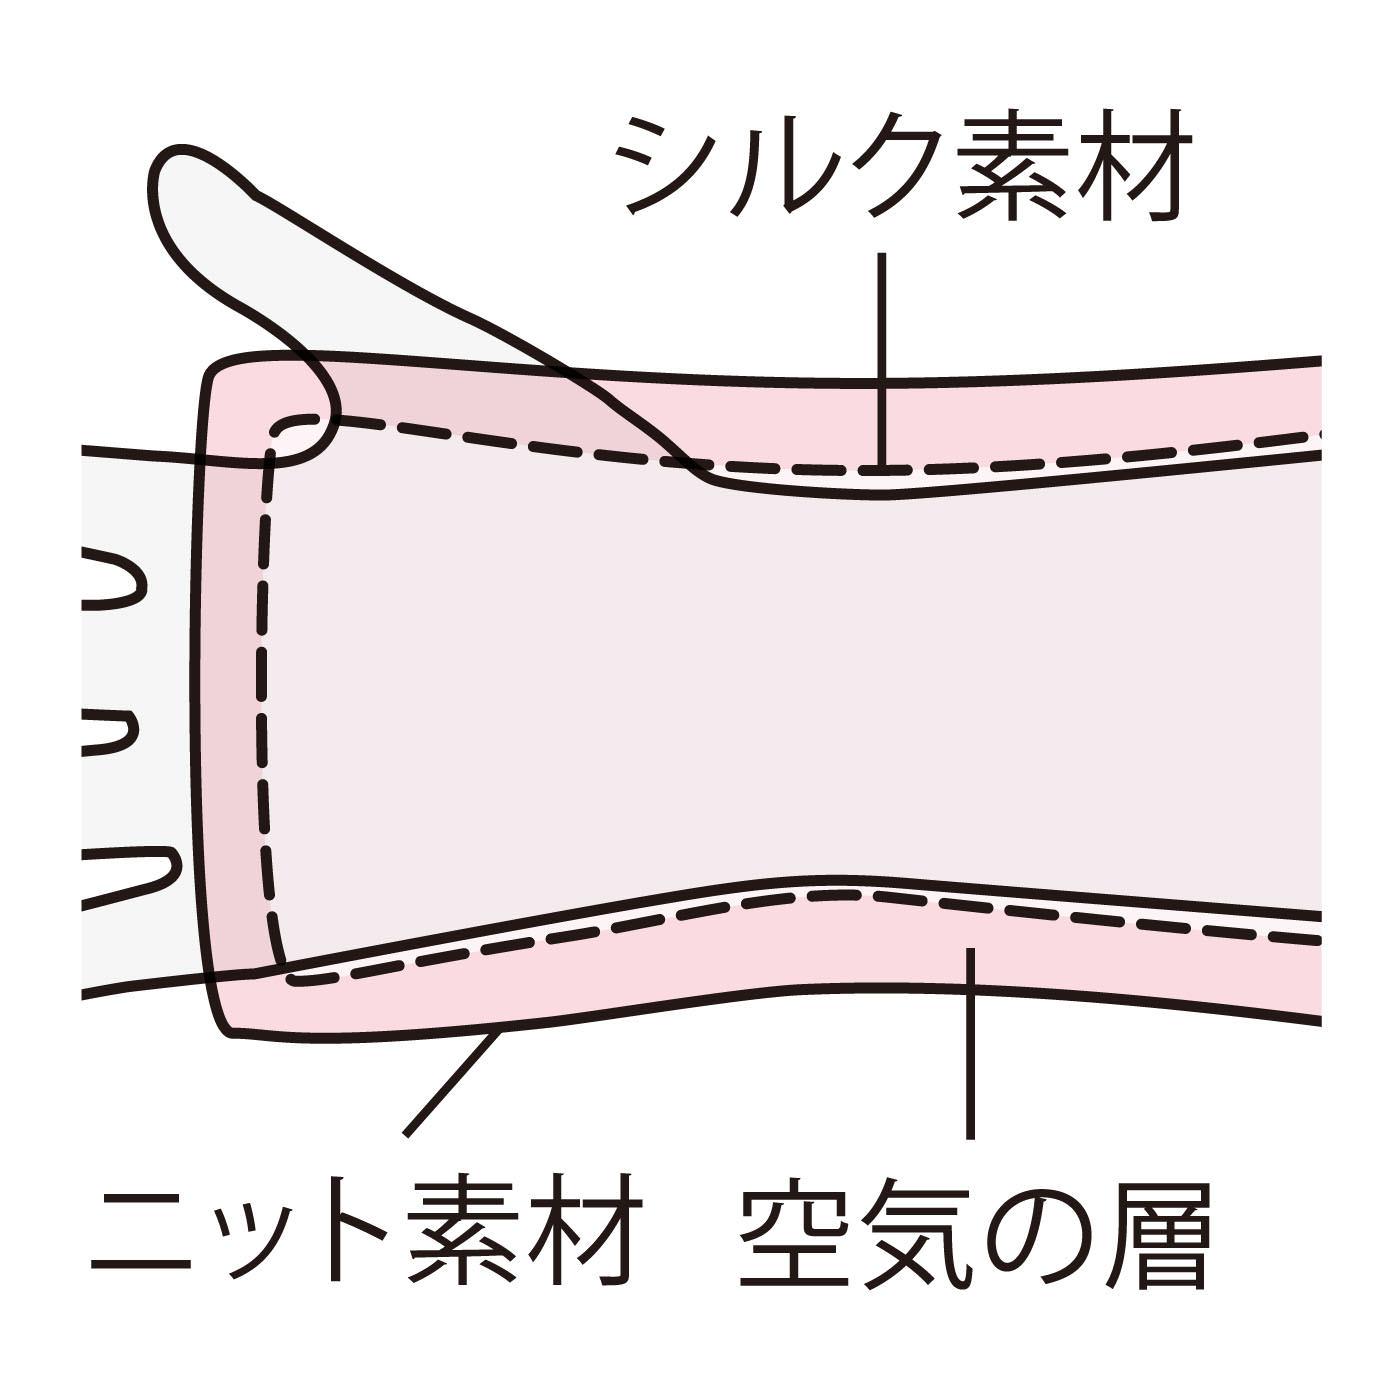 外側のふんわりニット素材と内側のフィットするシルク素材の間に空気の層ができて、あったか。